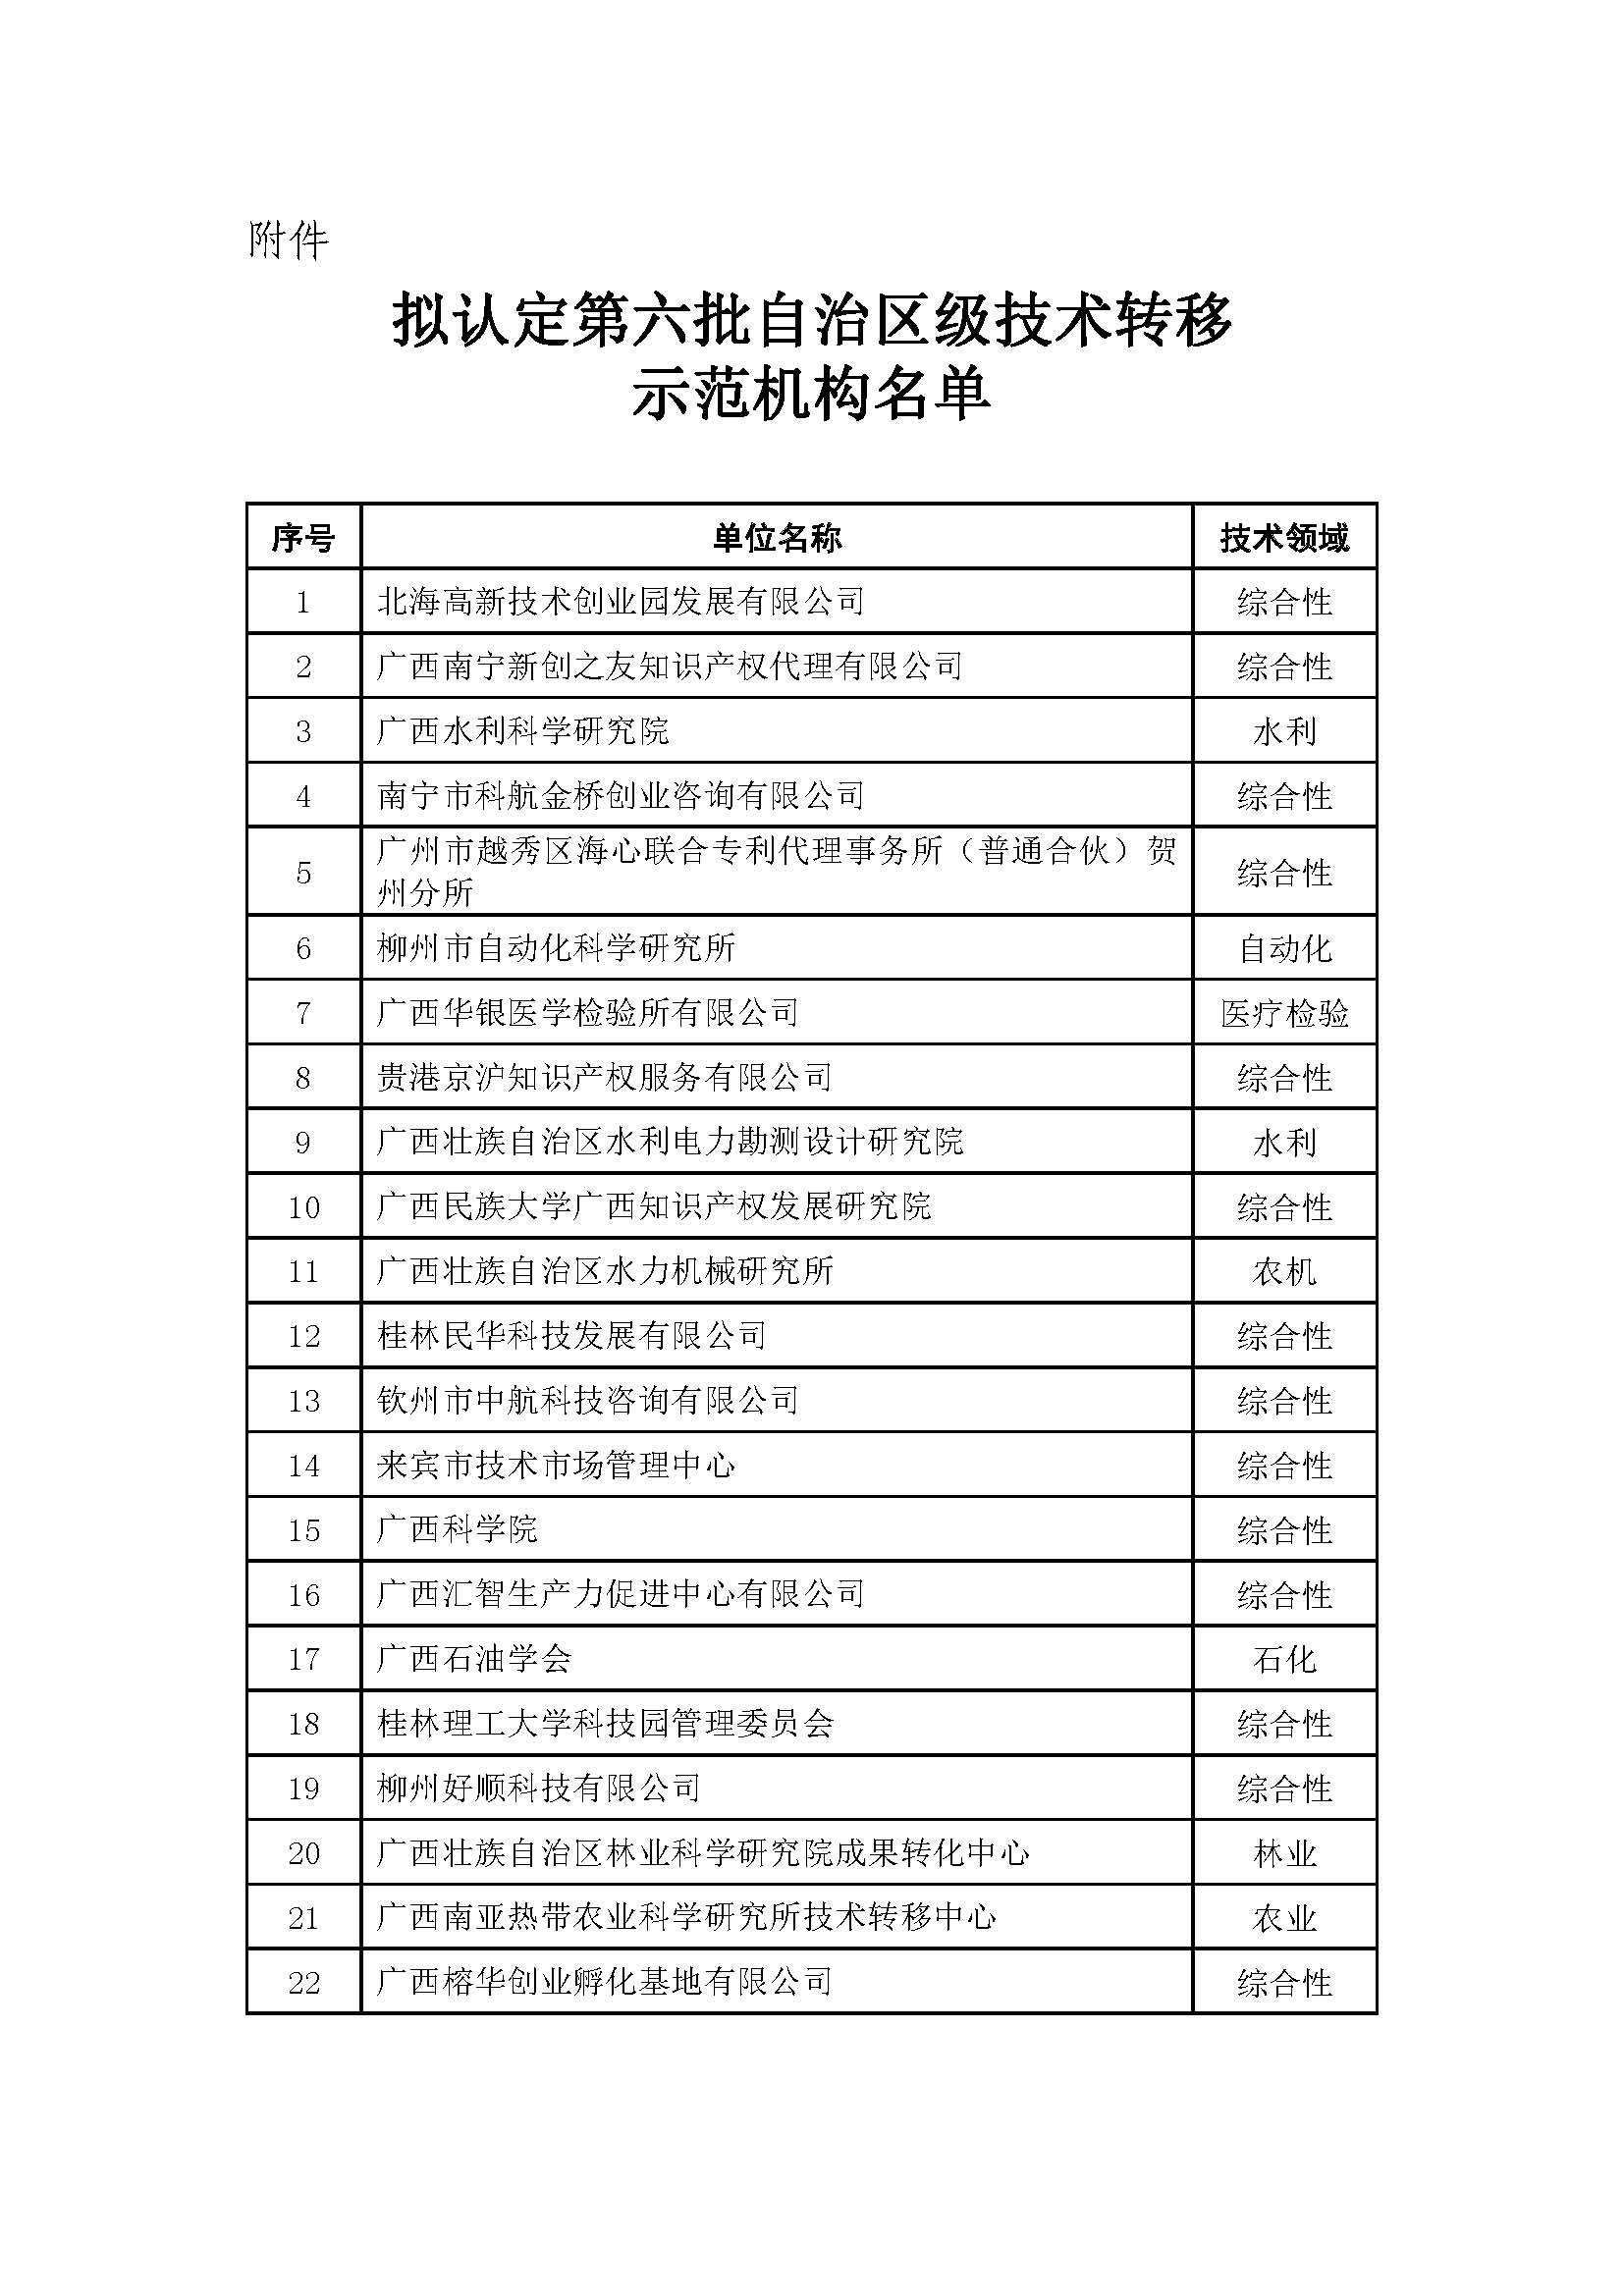 关于拟认定第六批自治区级技术转移示范机构名单的公示.jpg